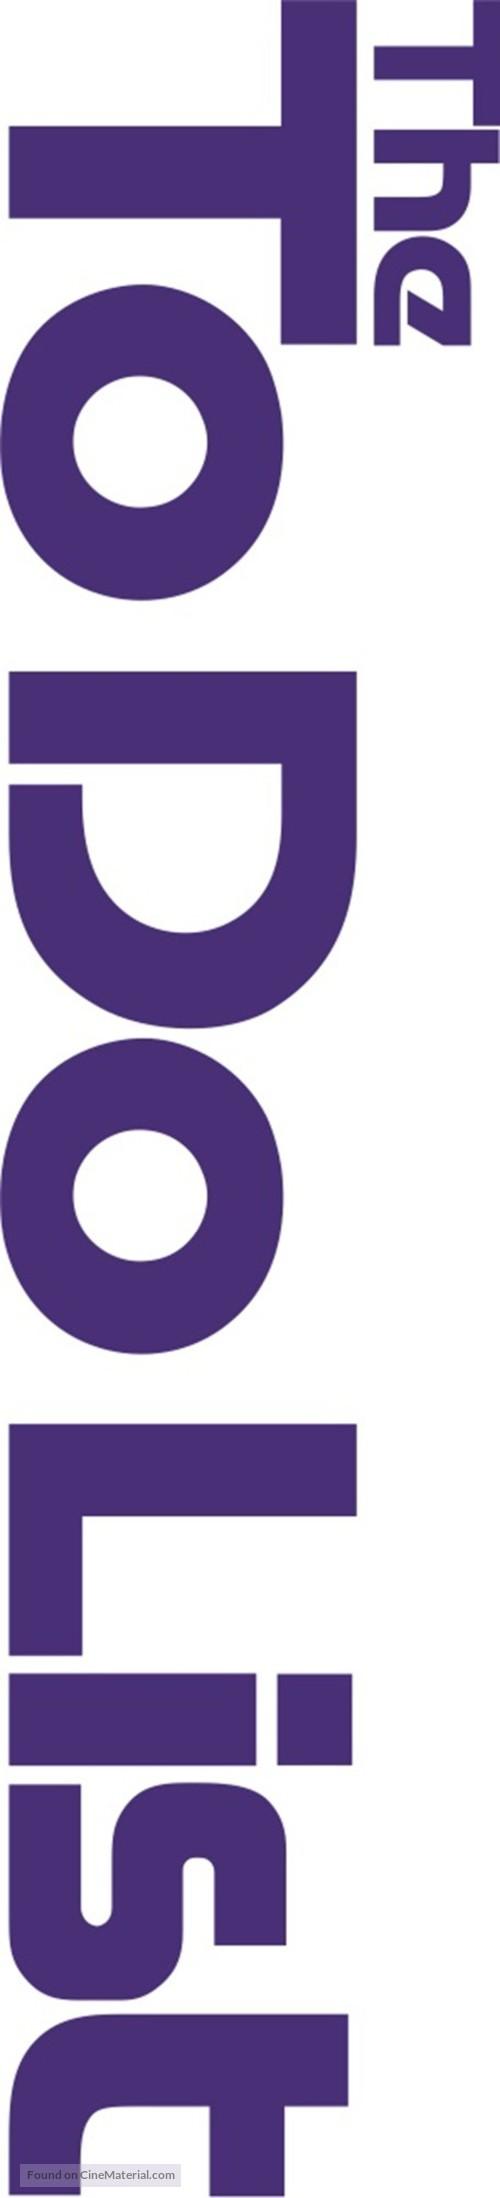 The To Do List - Logo